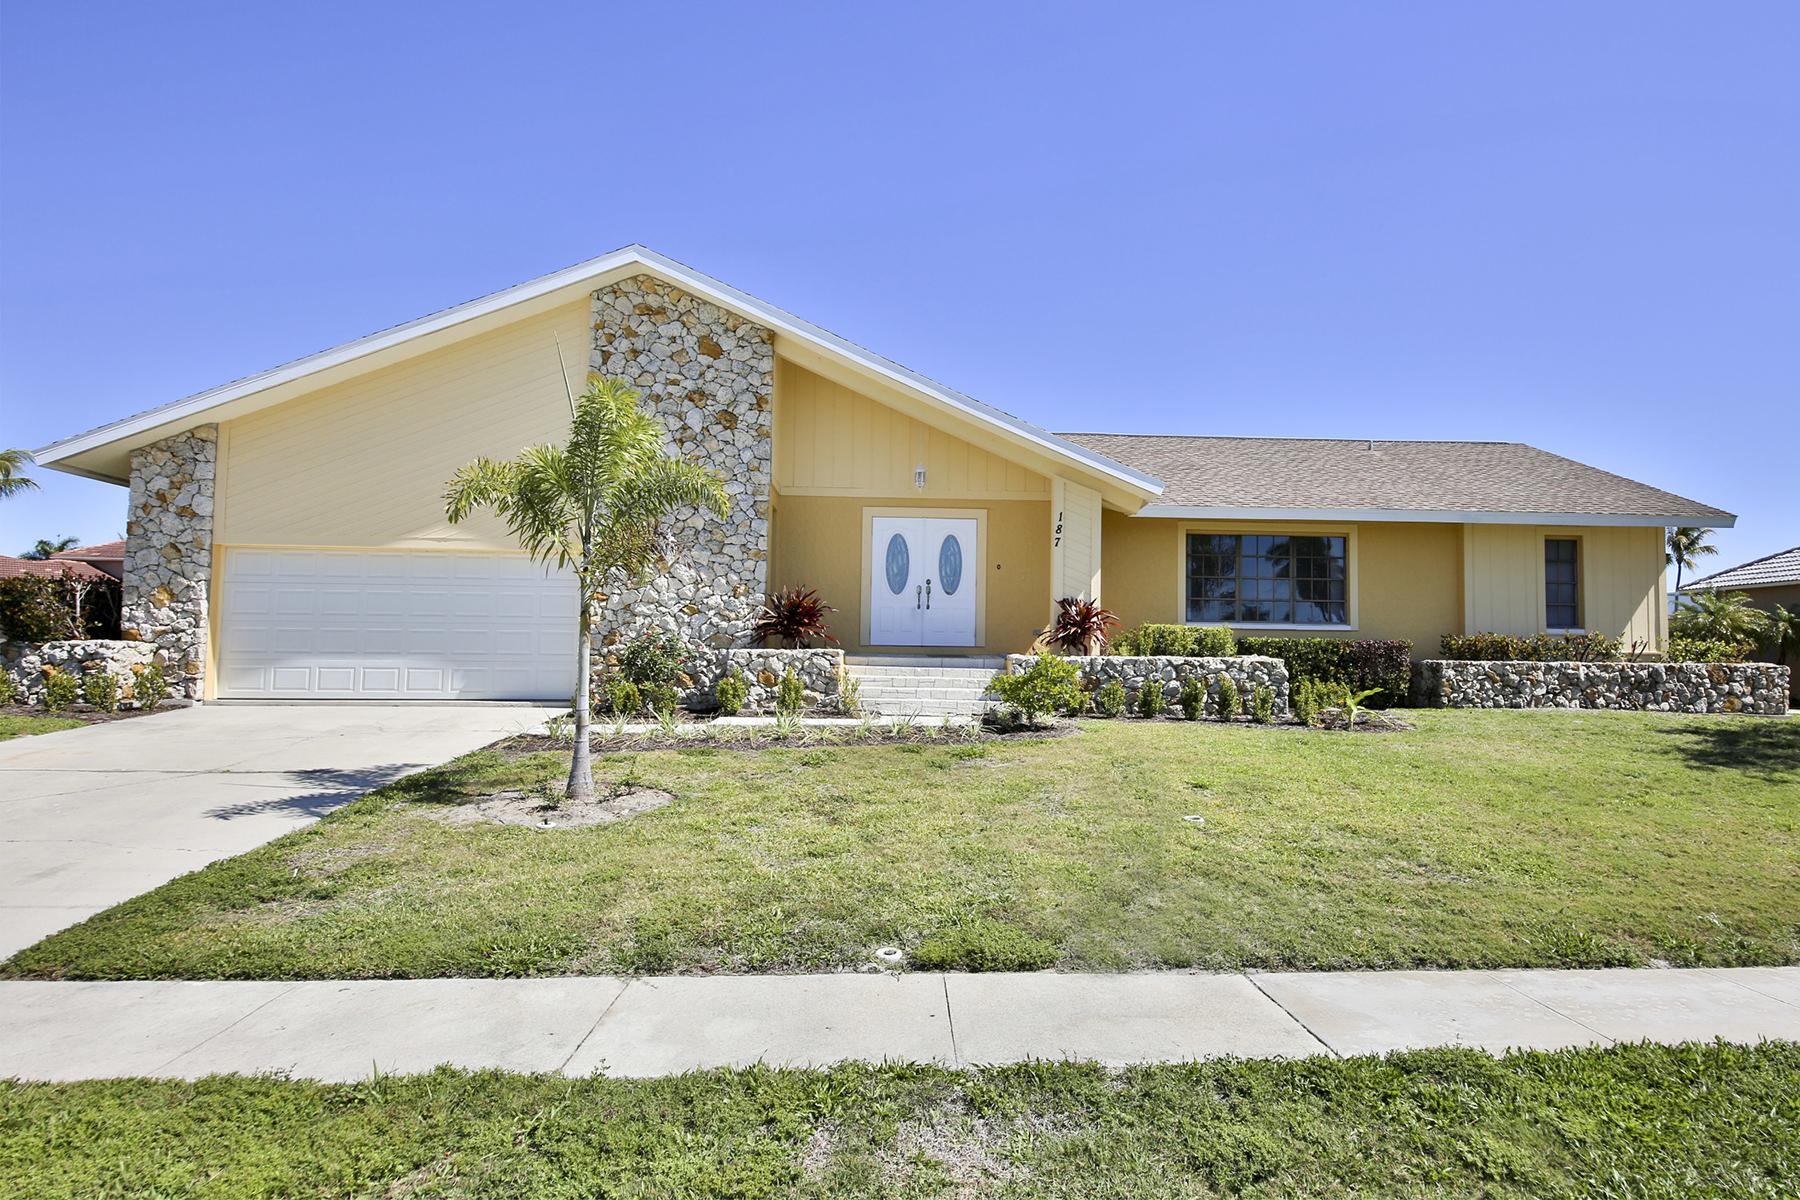 Villa per Vendita alle ore 187 Dan River Ct , Marco Island, FL 34145 187 Dan River Ct Marco Island, Florida 34145 Stati Uniti